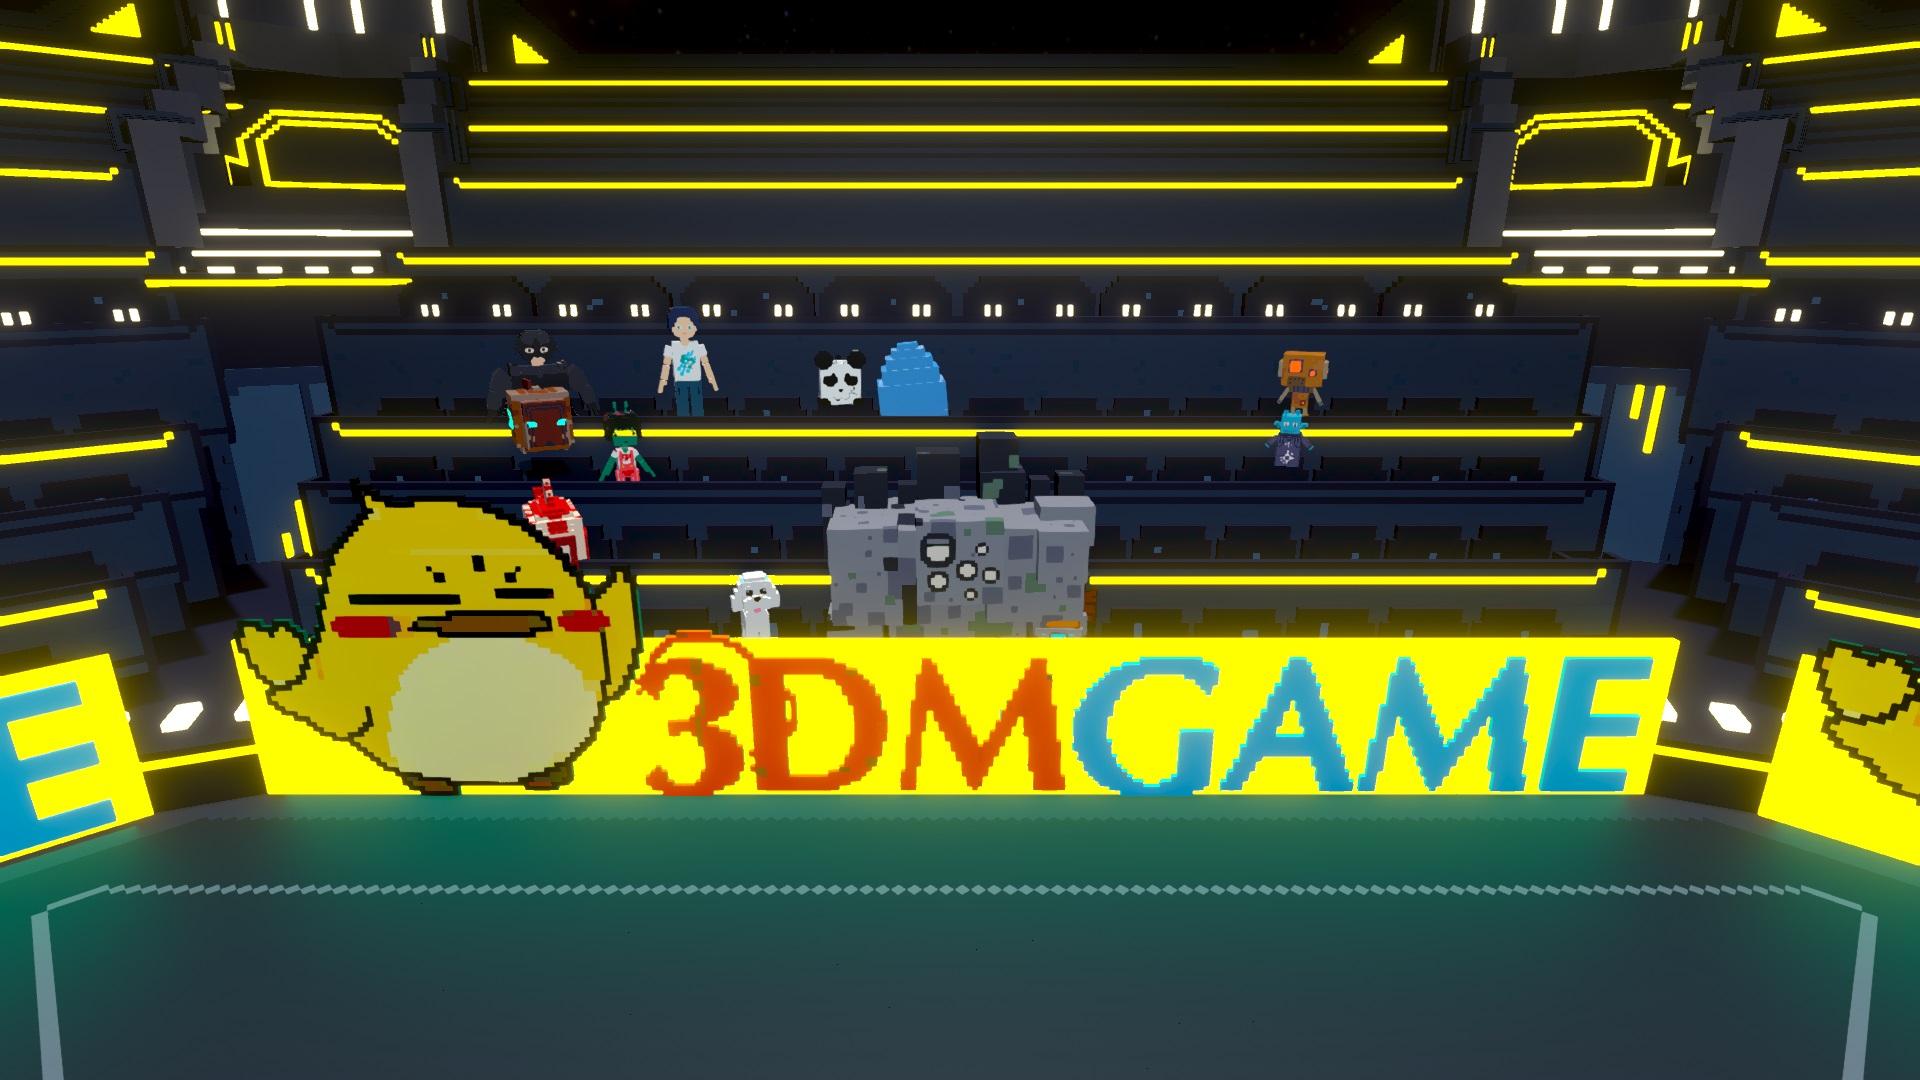 舞台式动作游戏《星际角斗场》正式发售 定价48元